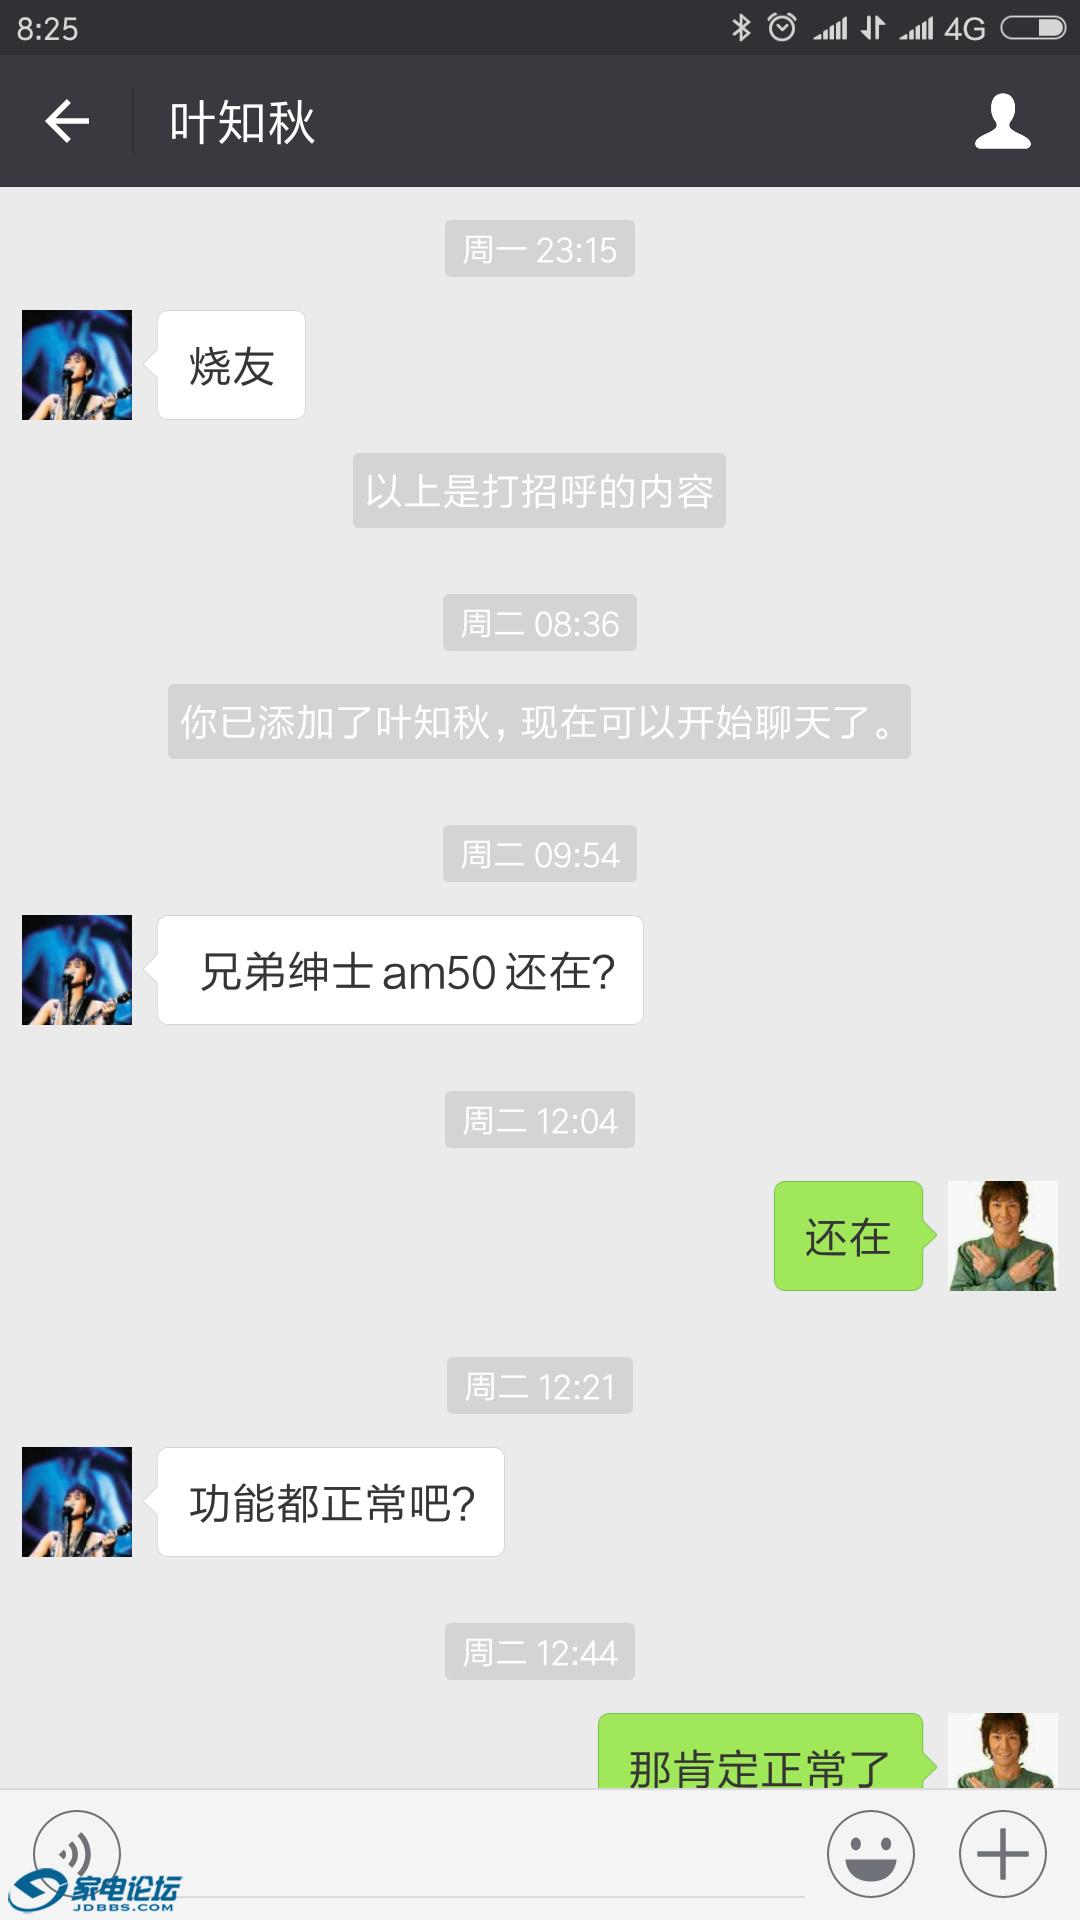 Screenshot_2018-03-22-08-25-24-979_com.tencent.mm.png